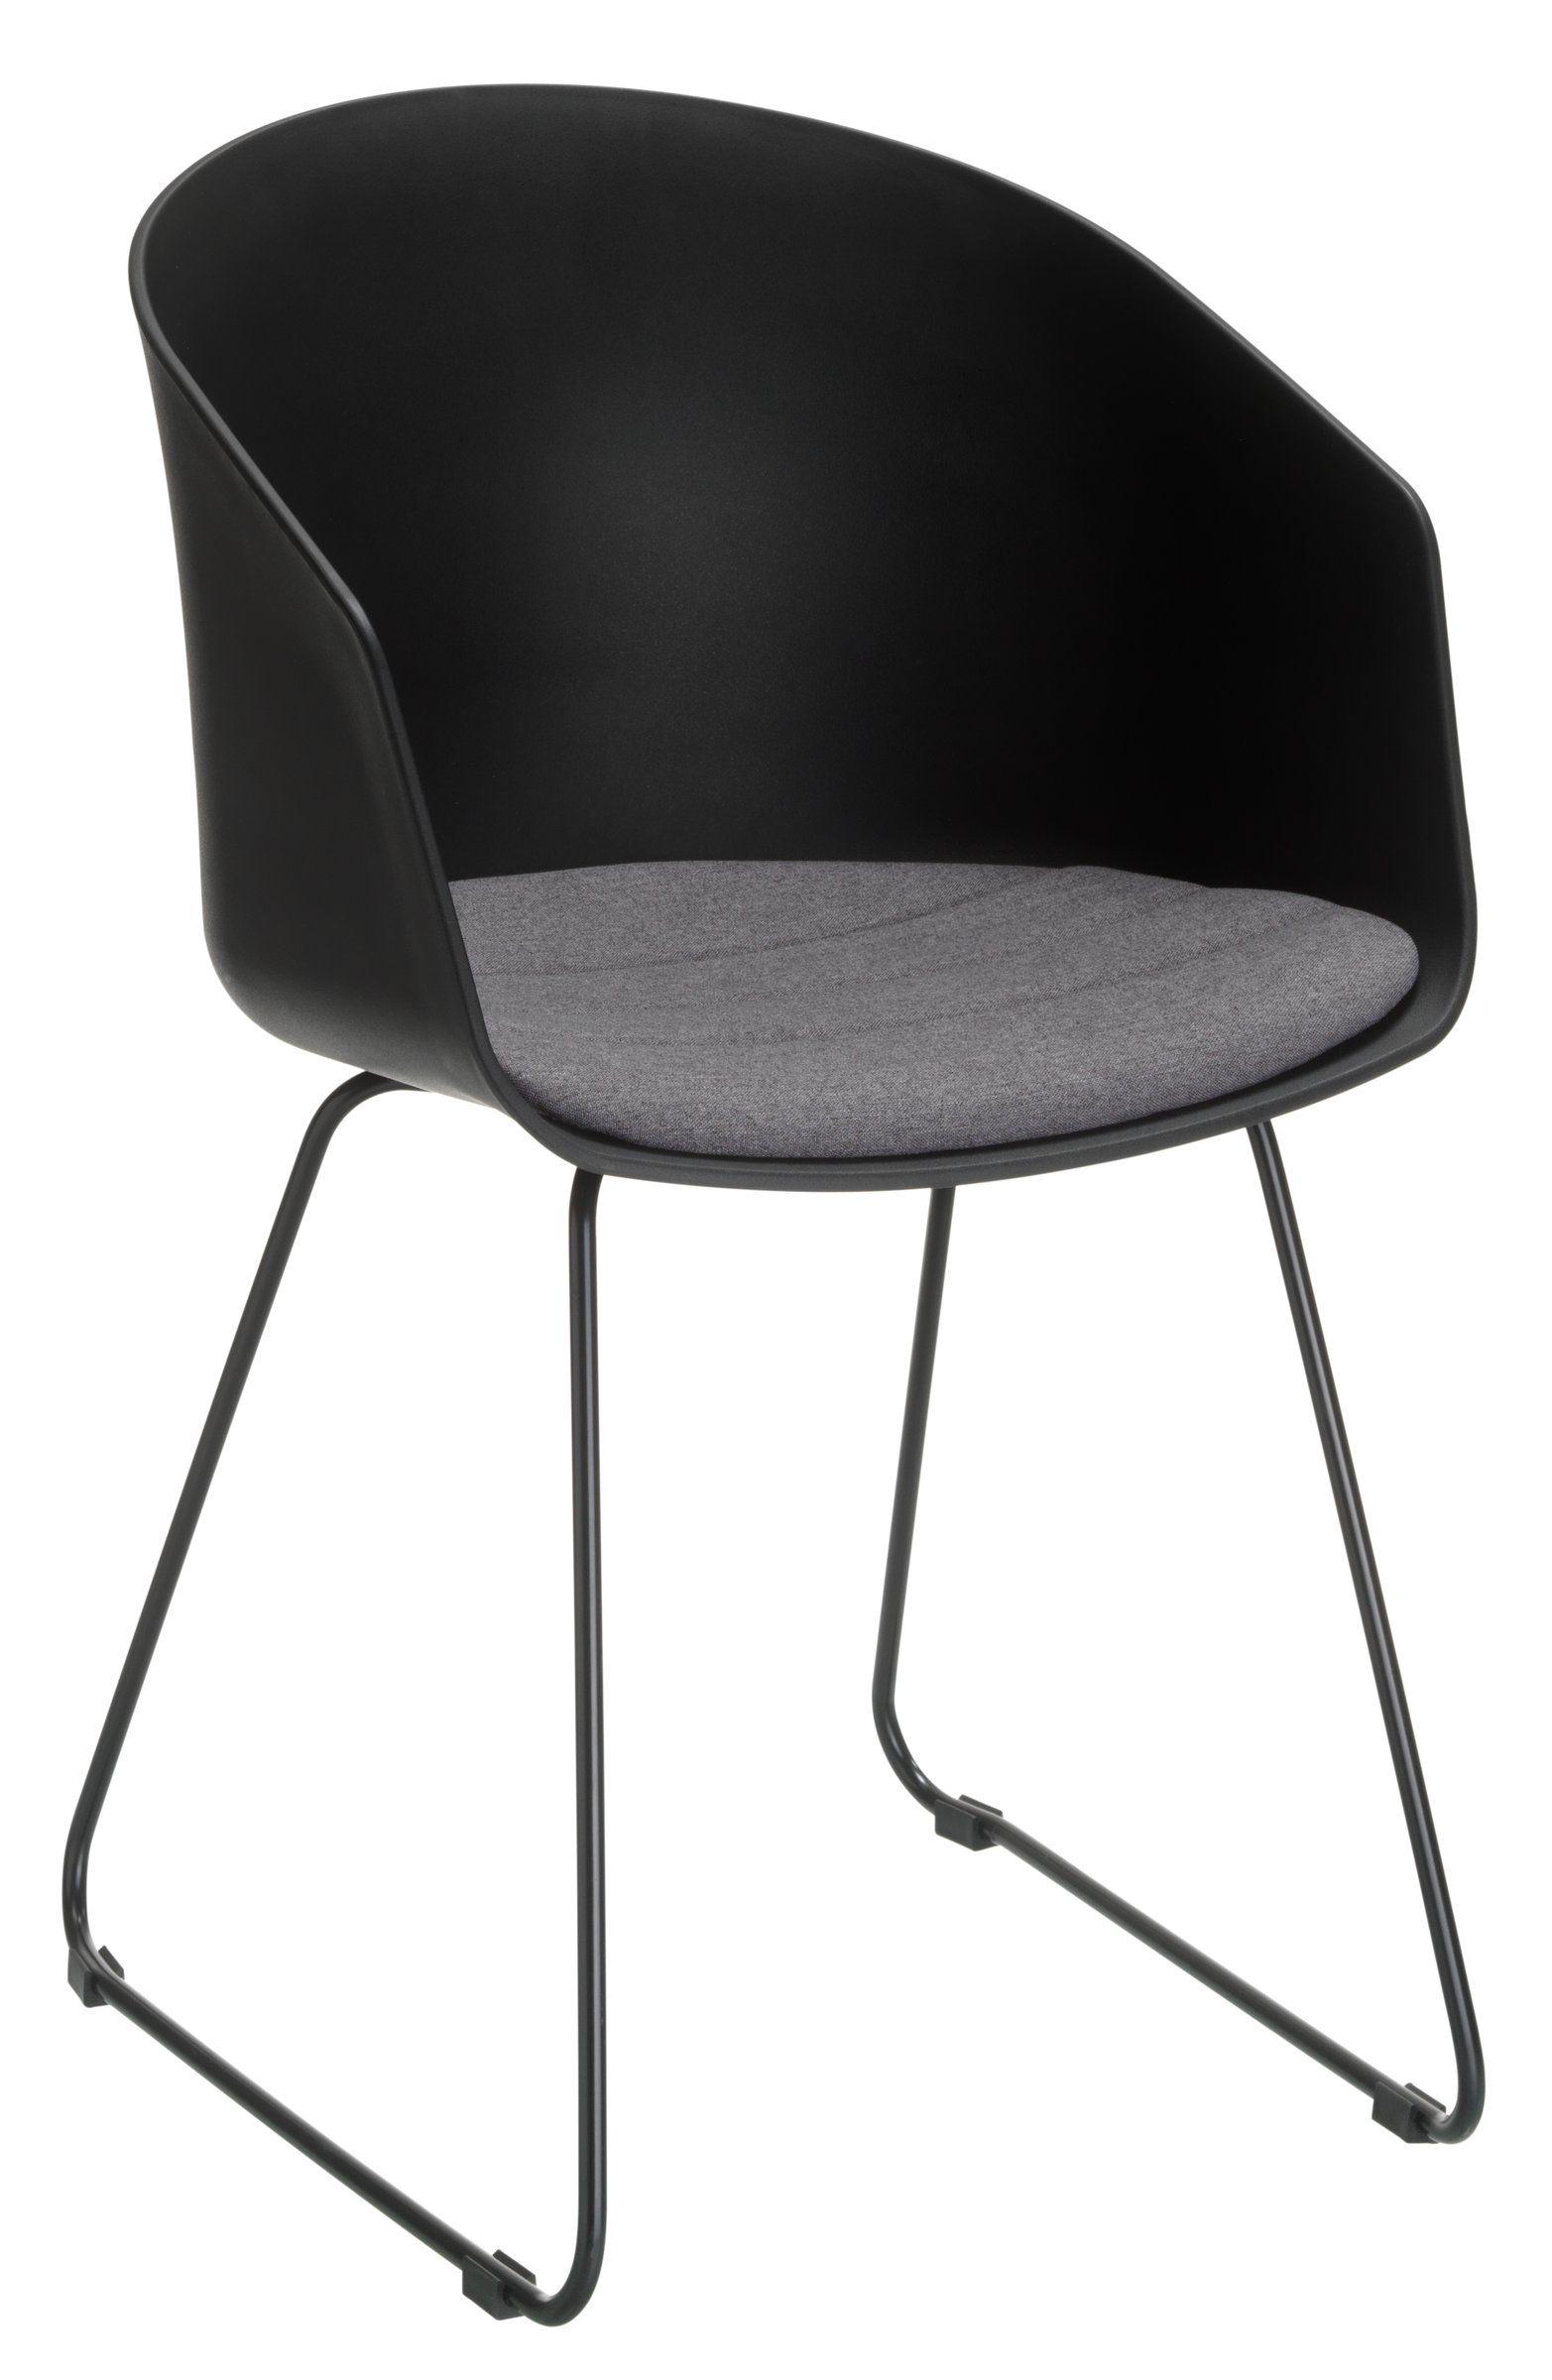 Stuhl TUSCO, Kunststoffschale schwarz,Sitzkissen Stoff anthrazit ...